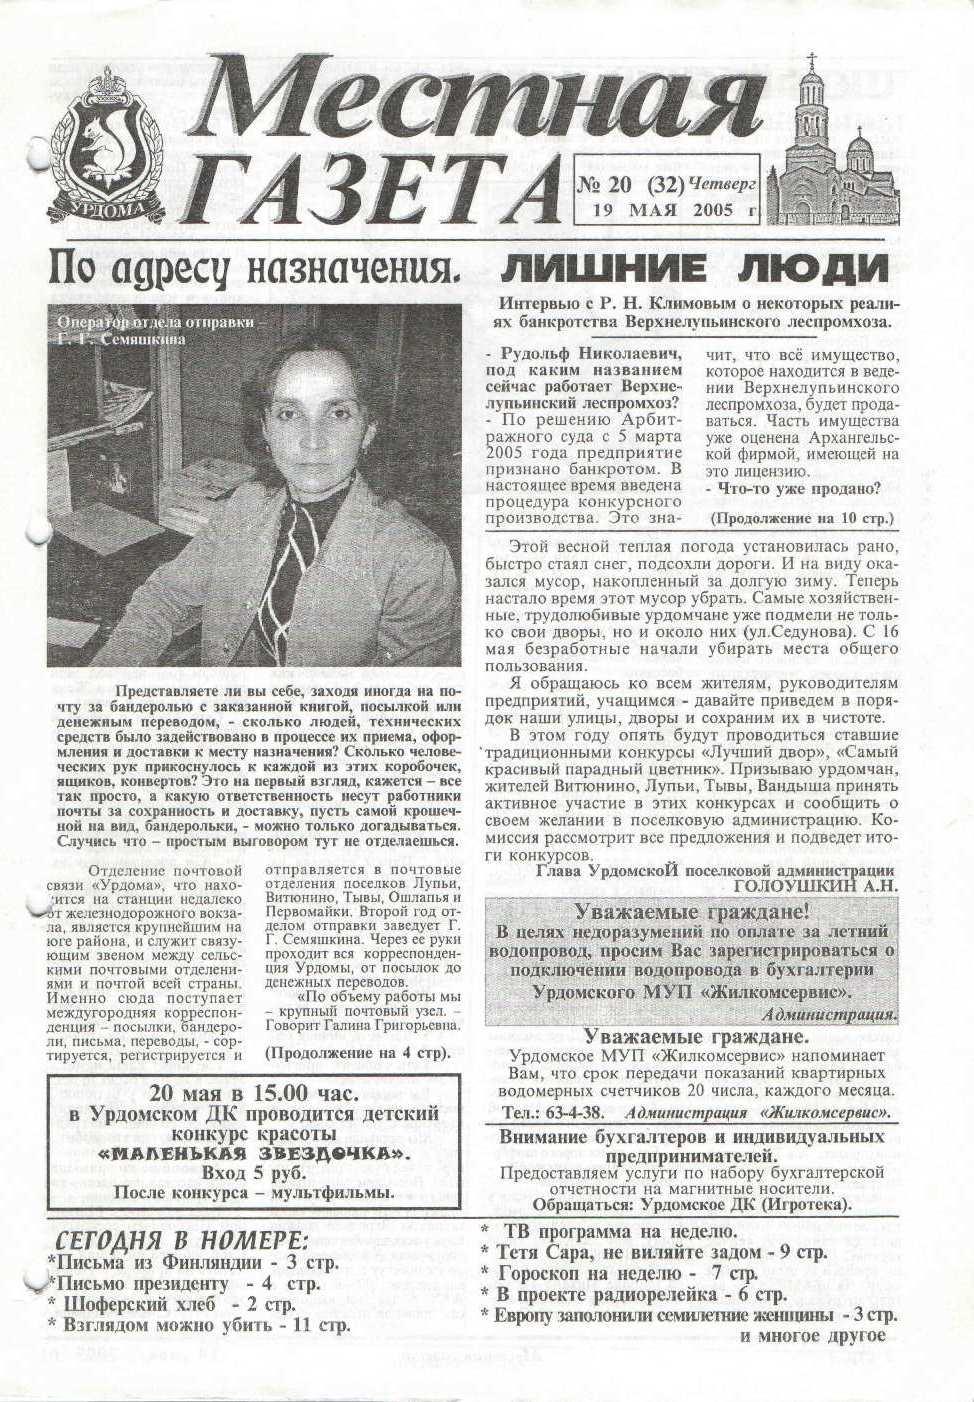 Местная газета ном. 20 (32) от 19.05.2005